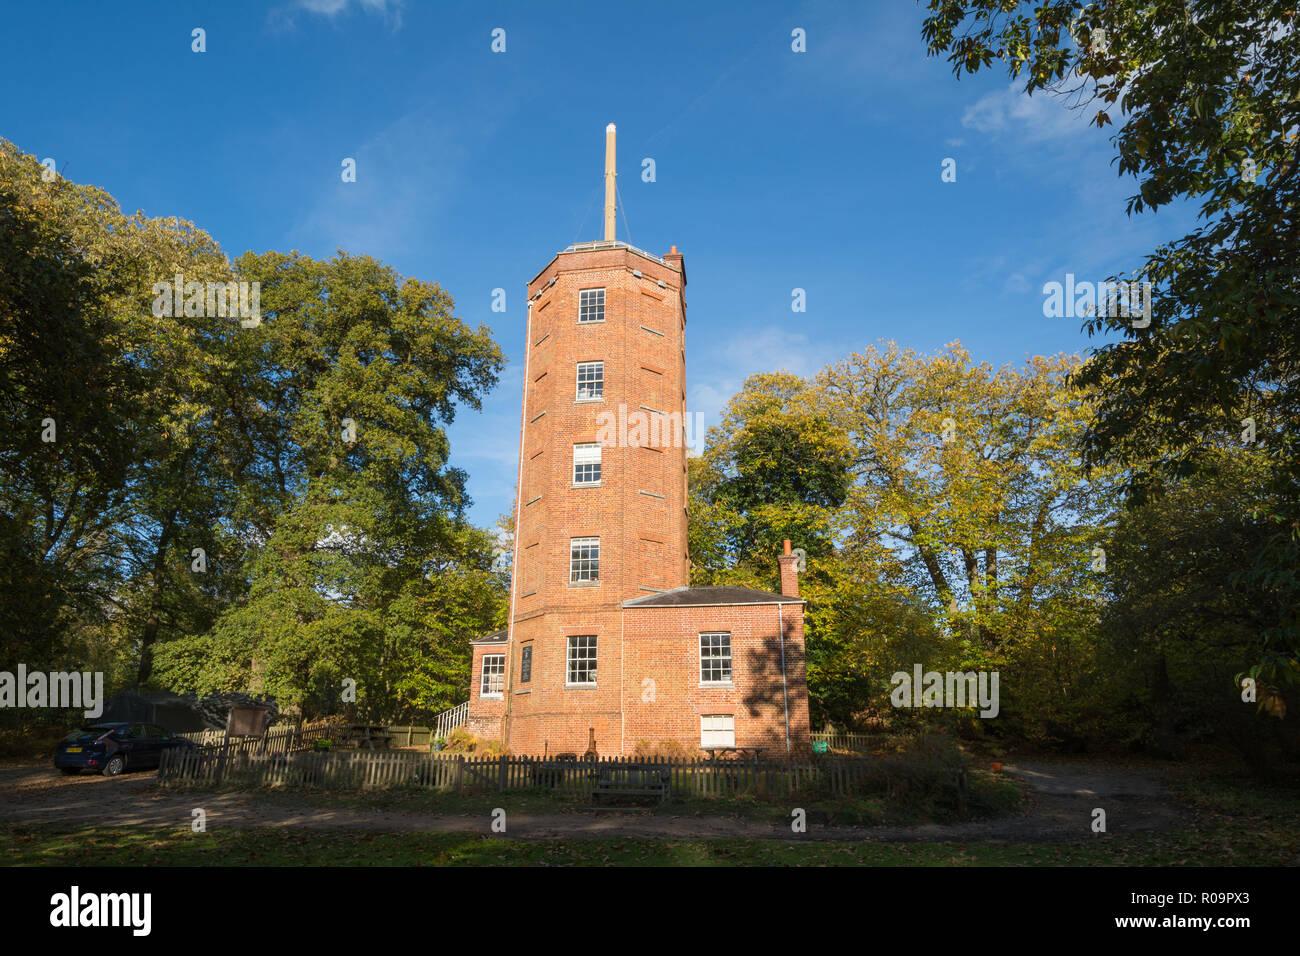 Chatley Heide Semaphore Turm, ein Wahrzeichen, die als Teil der Admiralität semaphore Kette, die zwischen 1822 und 1847 betrieben wurde, Surrey, Großbritannien Stockbild